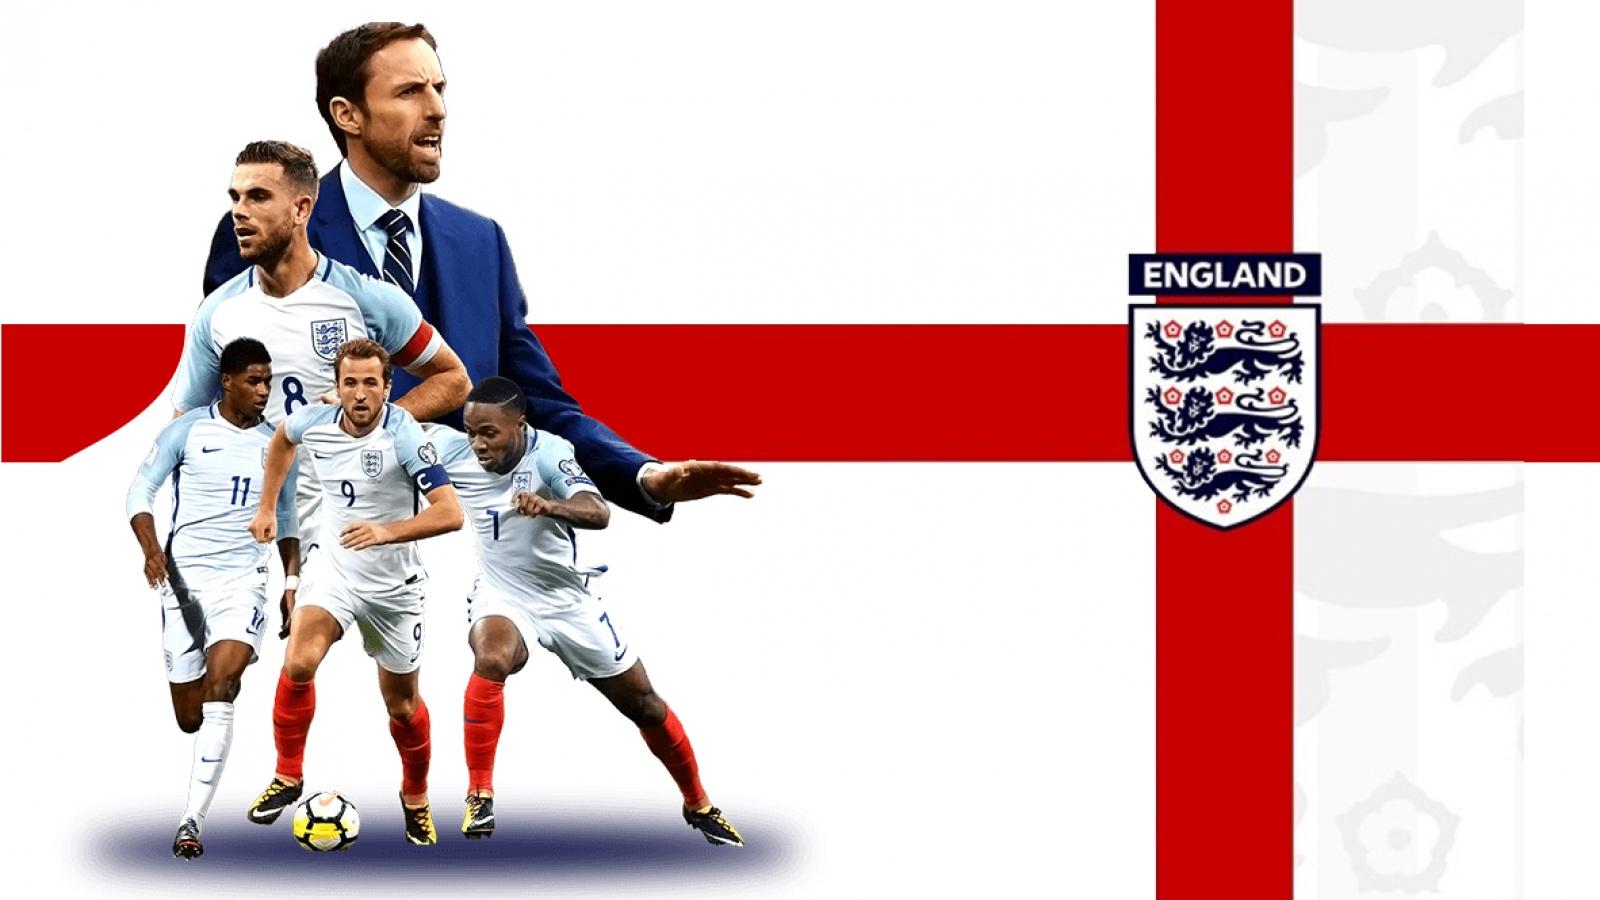 """Người Anh sẽ """"thống trị"""" bóng đá thế giới năm 2021?"""